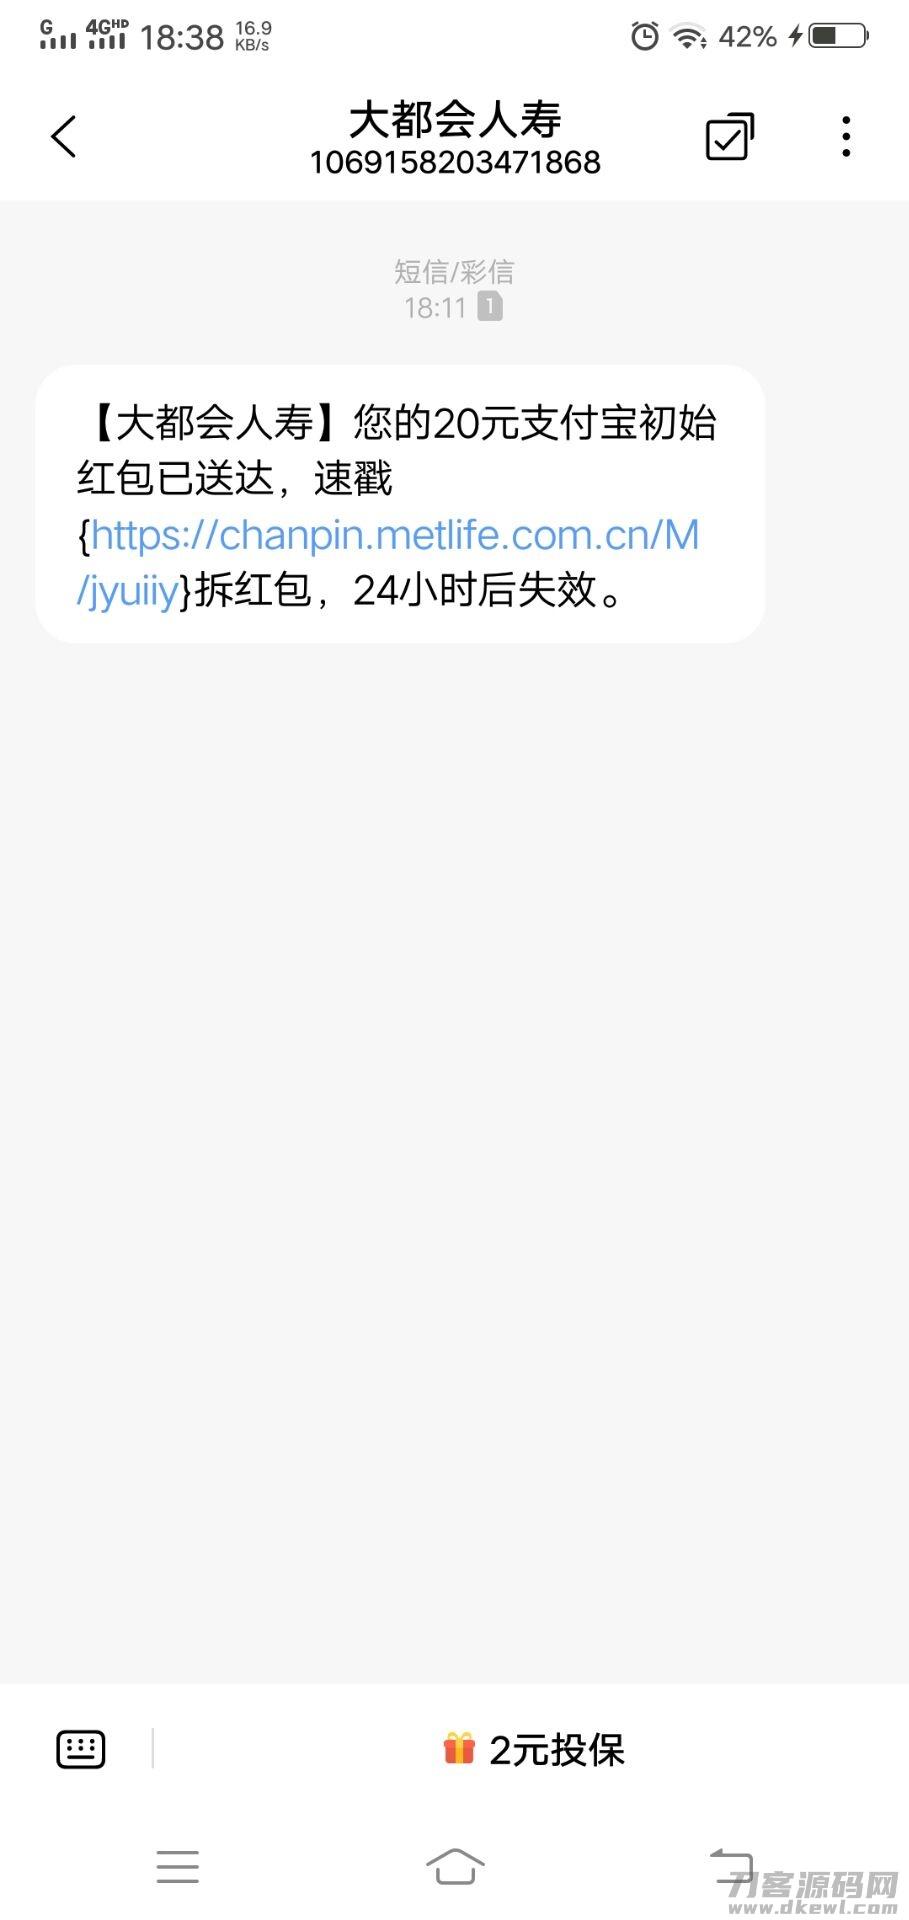 通常会中国人寿保险(麻烦尽早审核通过一下)插图